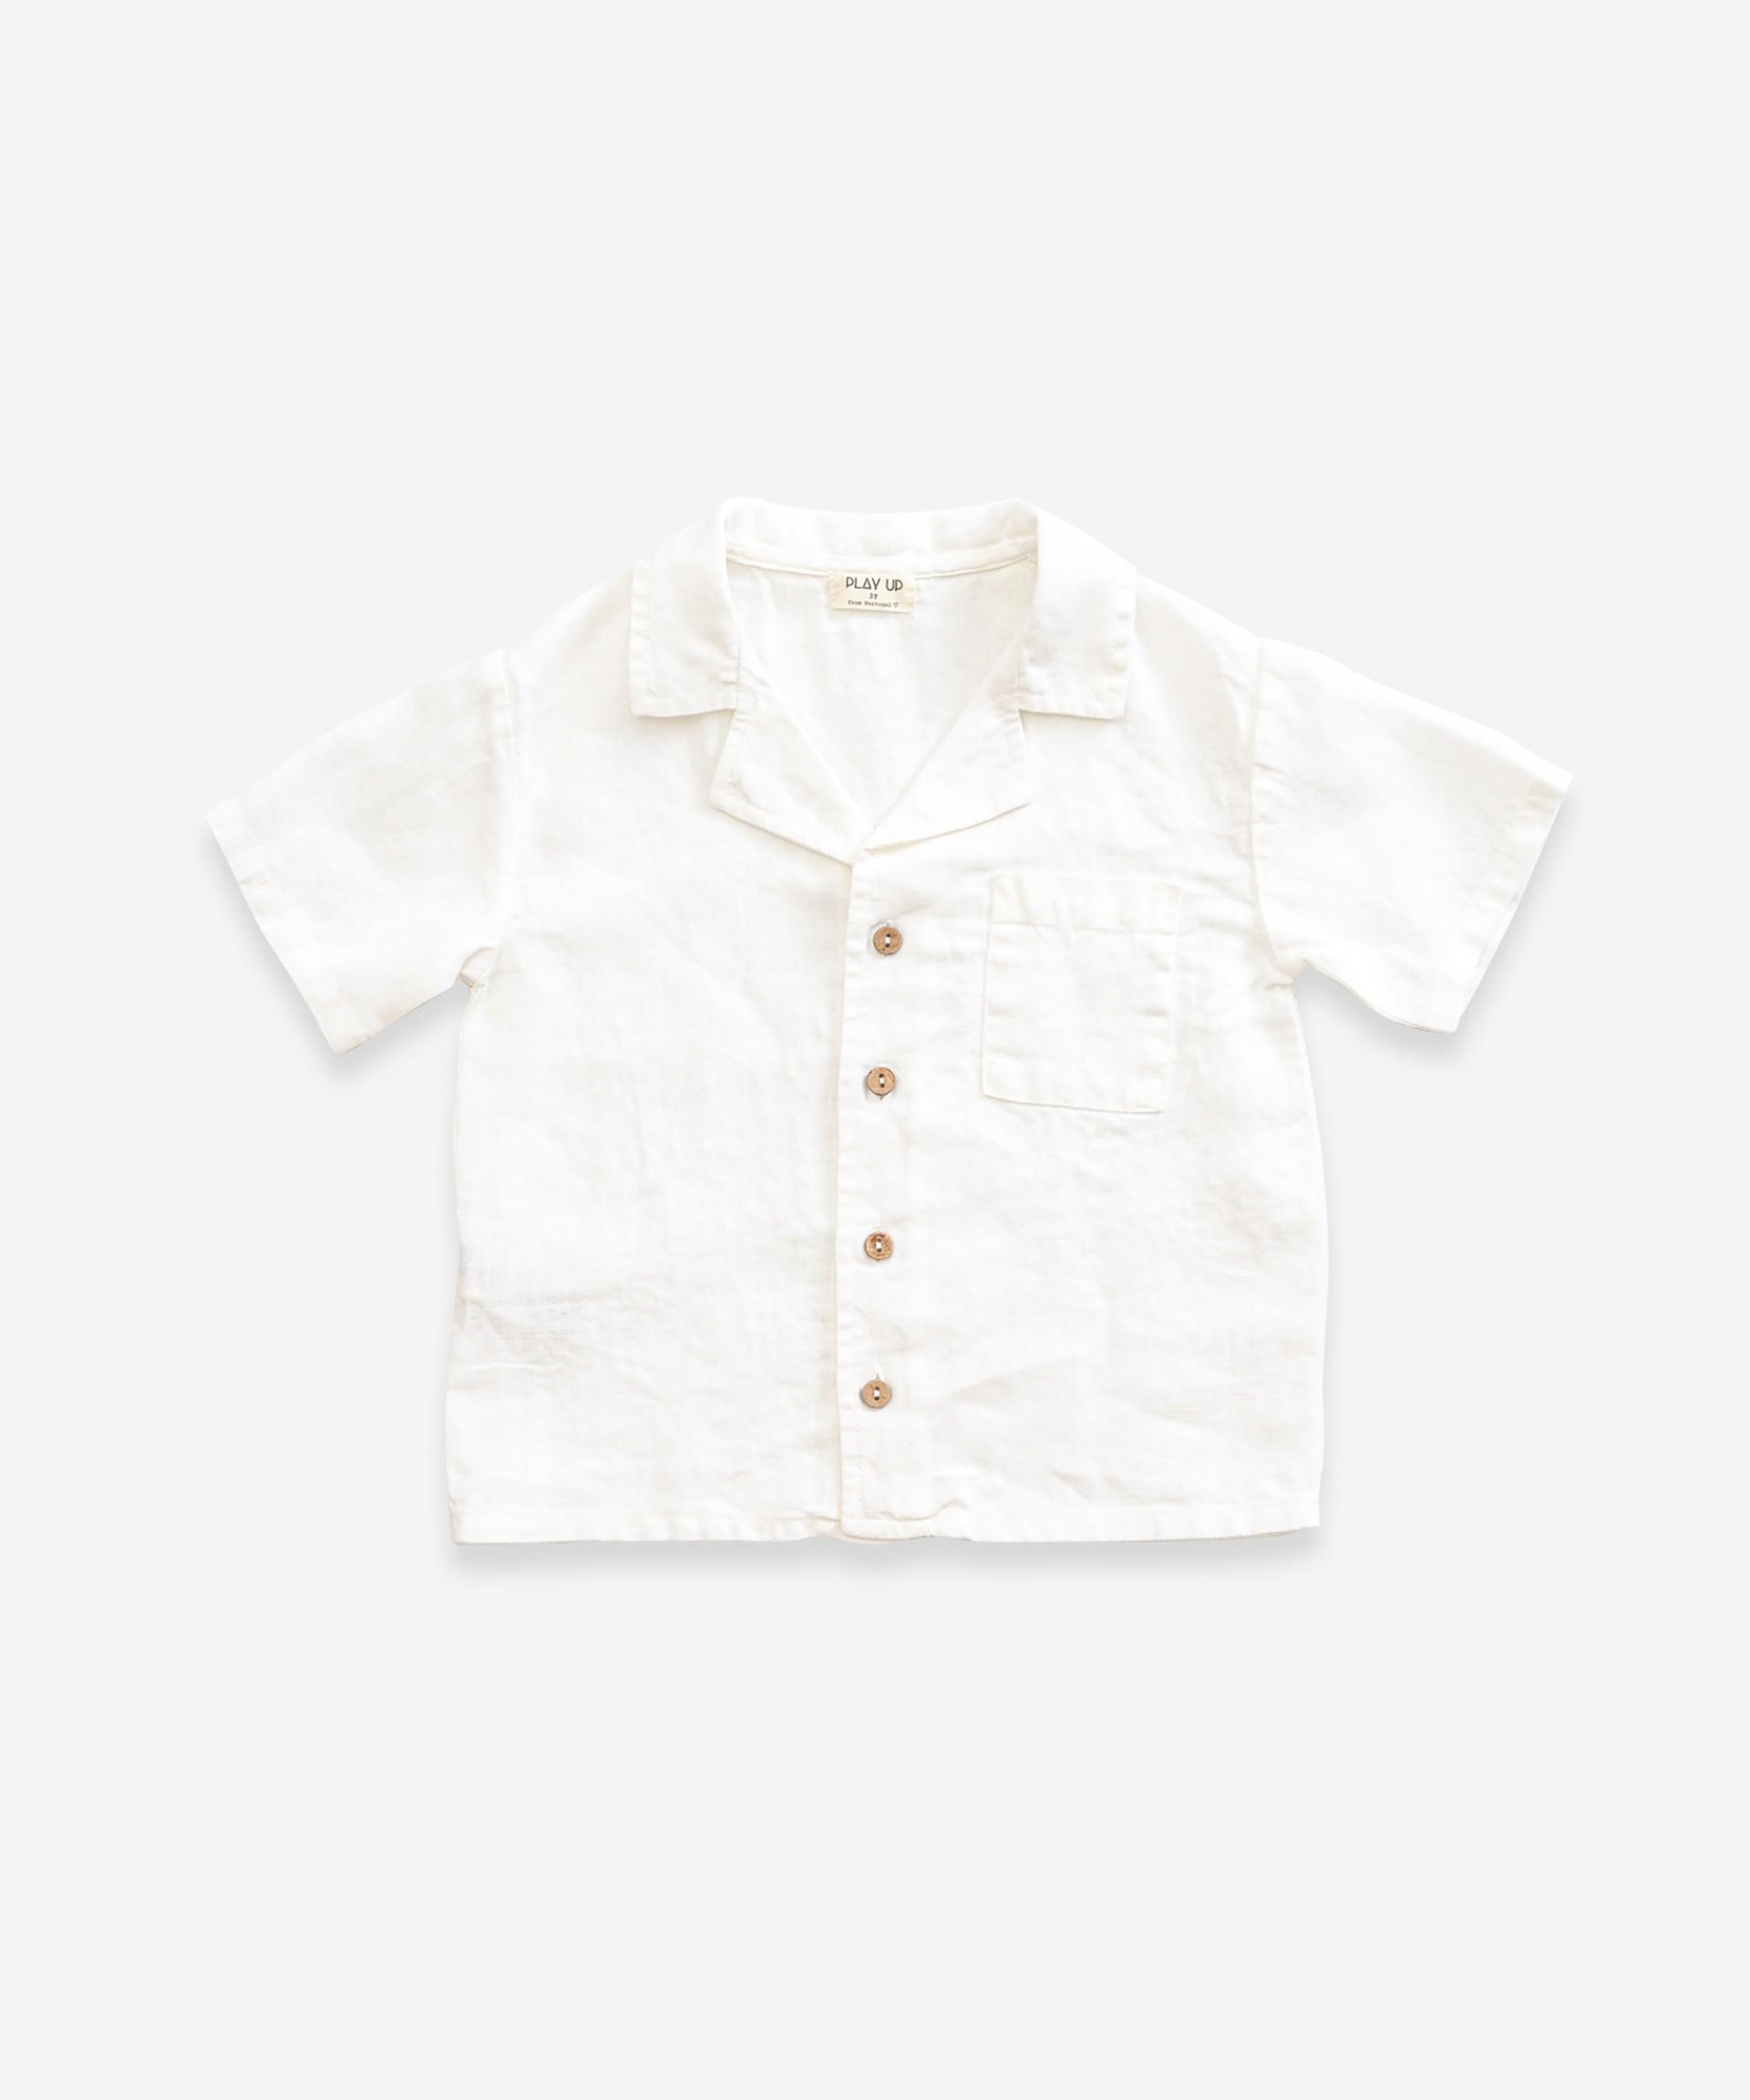 Camisa de linho com bolso | Weaving